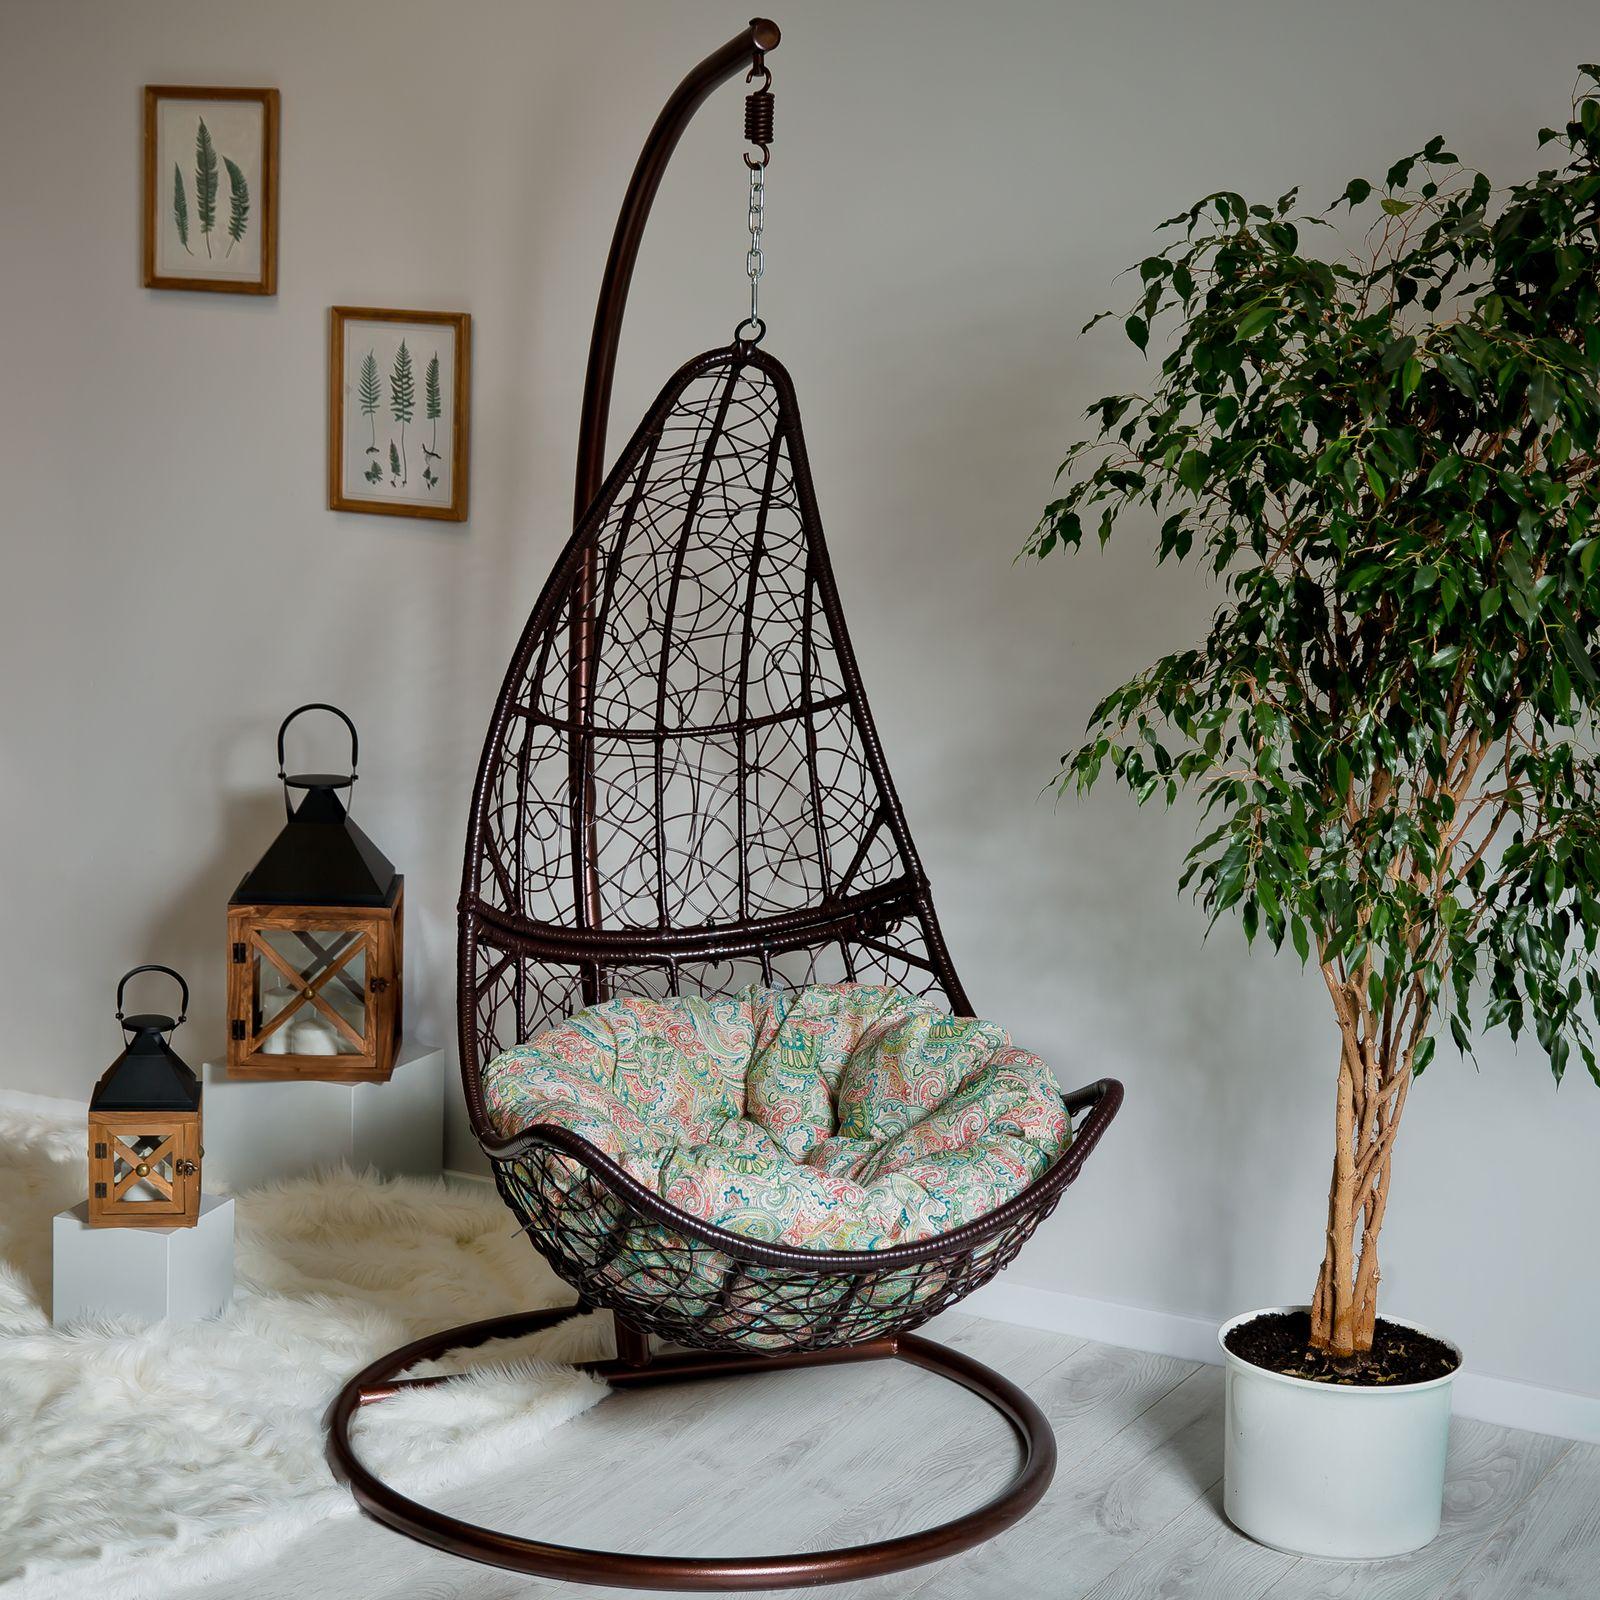 Cojín redondo para silla colgante G038-12LB 100 cm x 10/12 cm PATIO